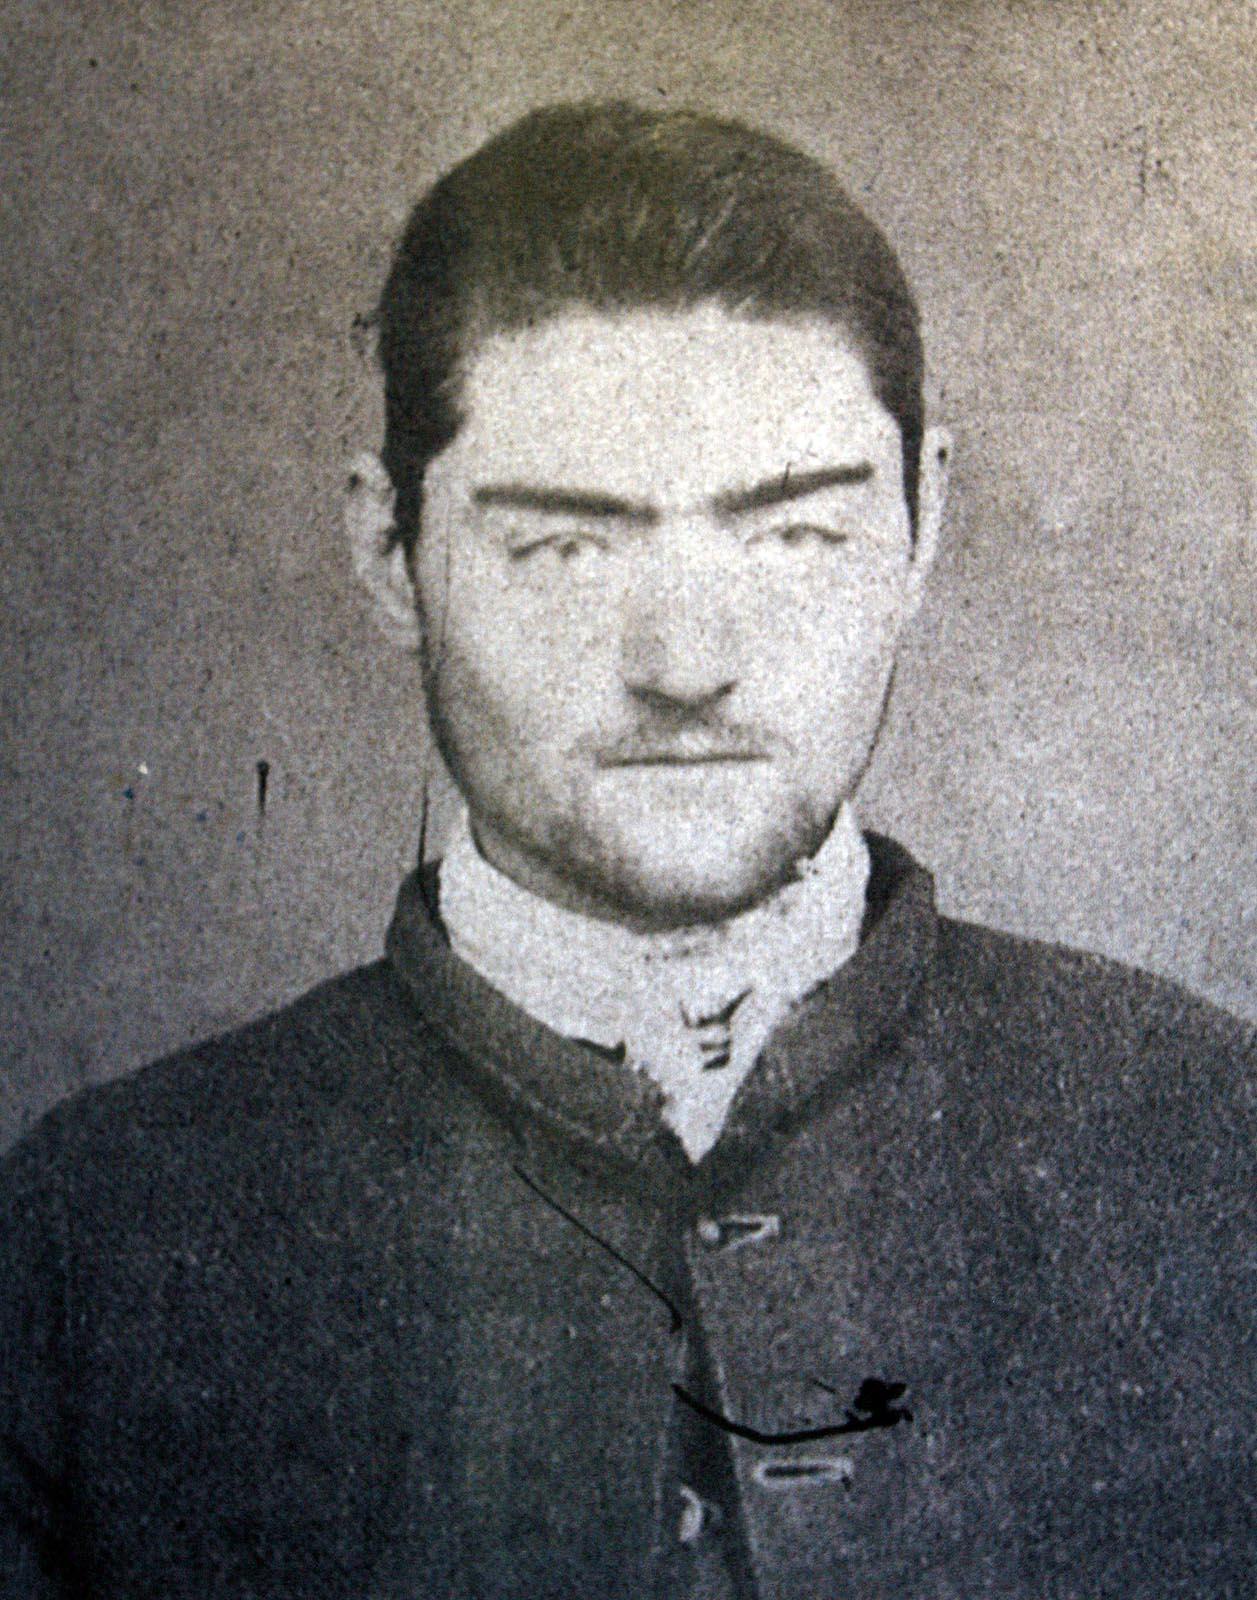 Foto policial de Ned Kelly a los 16 años (Foto: dominio público)